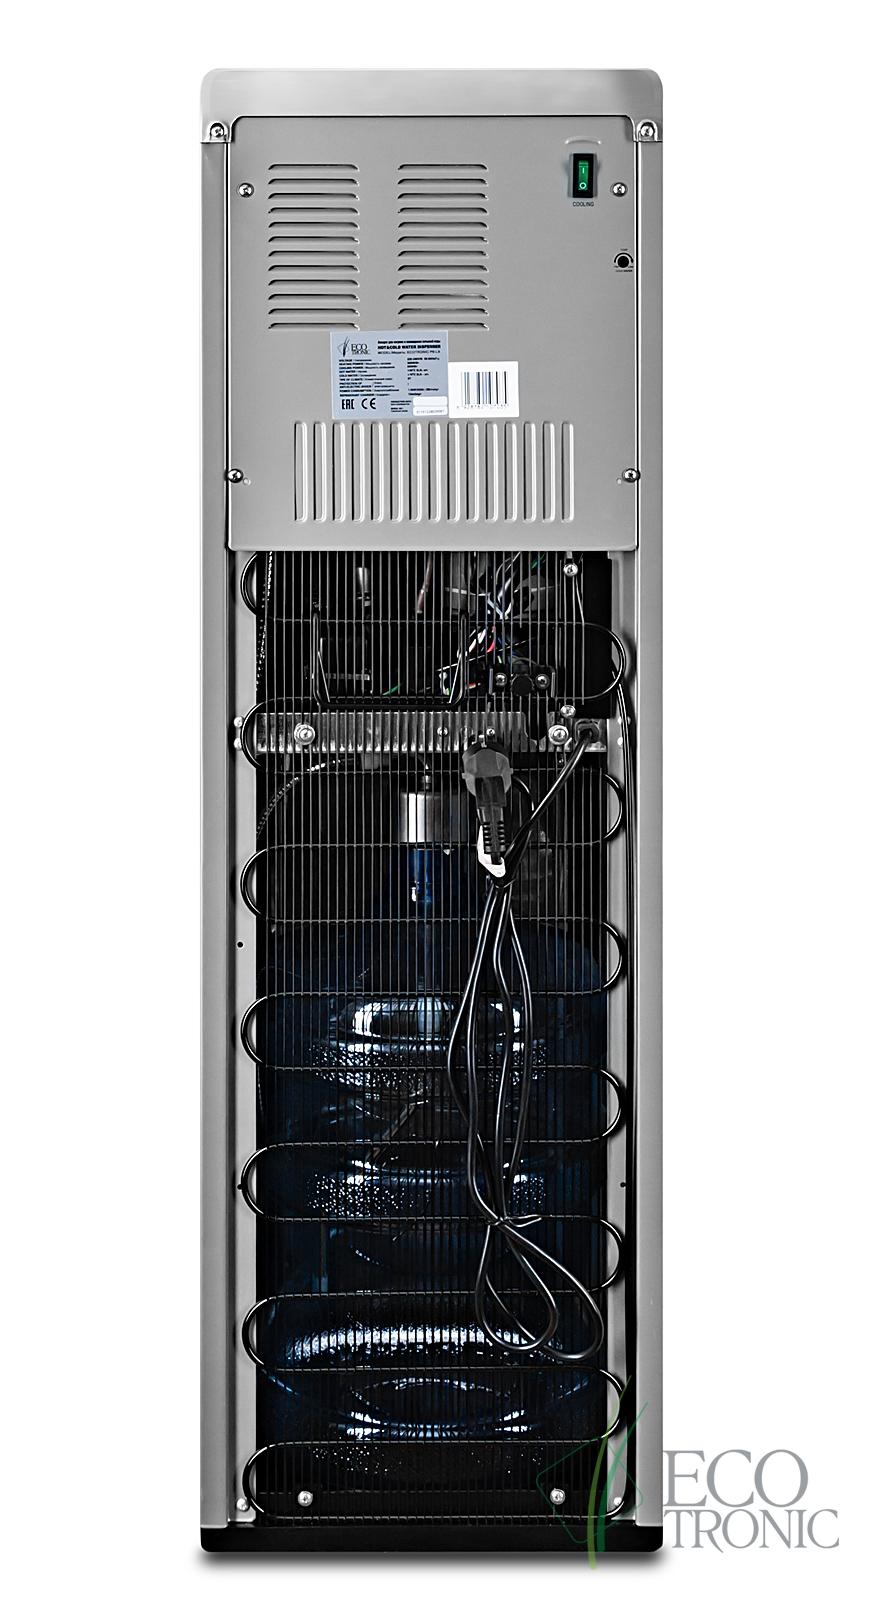 Кулер Ecotronic P9-LX Silver